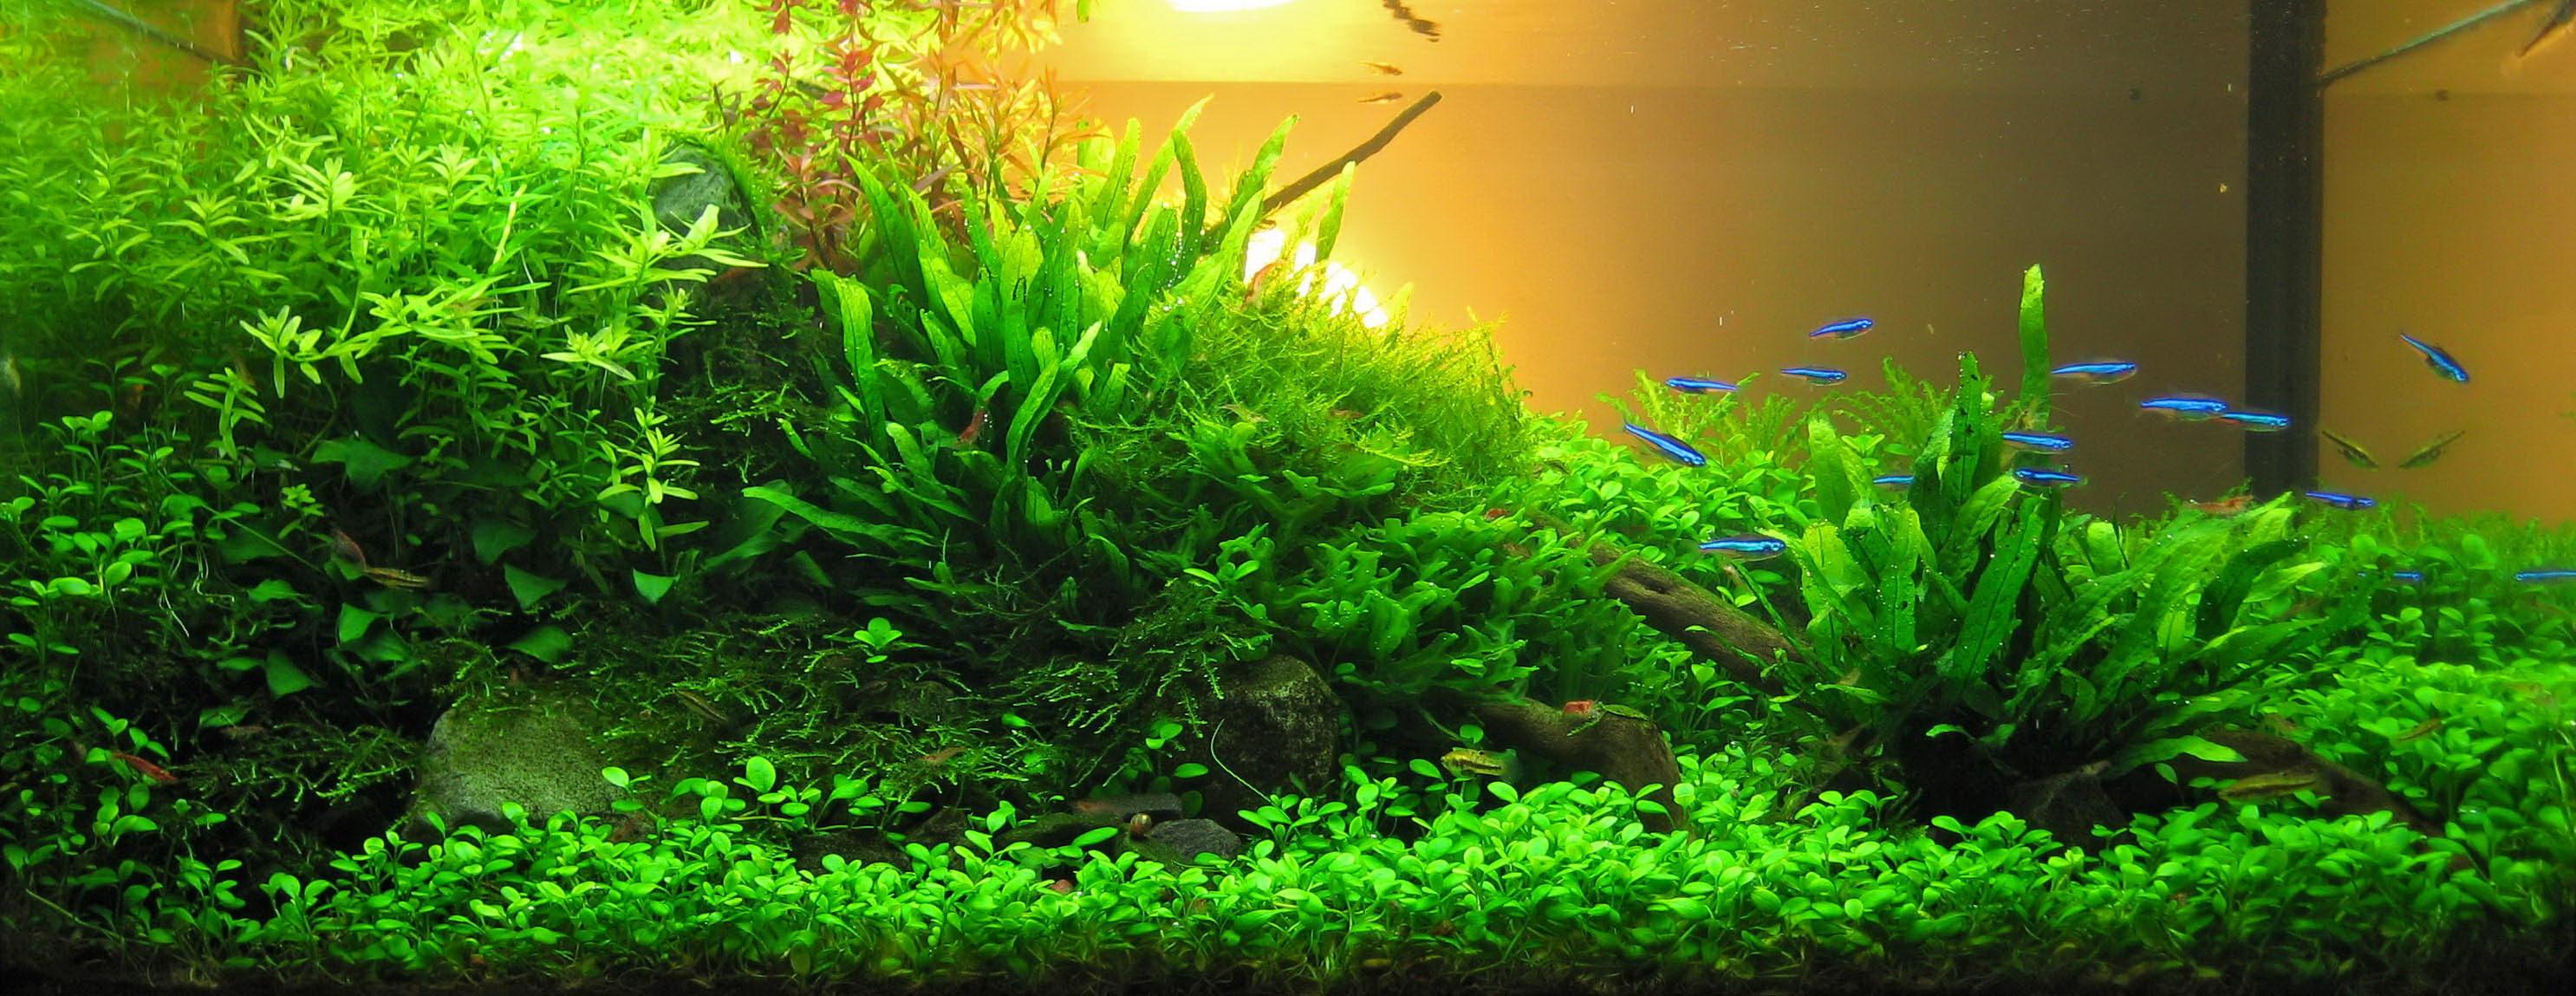 Aquascaping Aqua Rebell